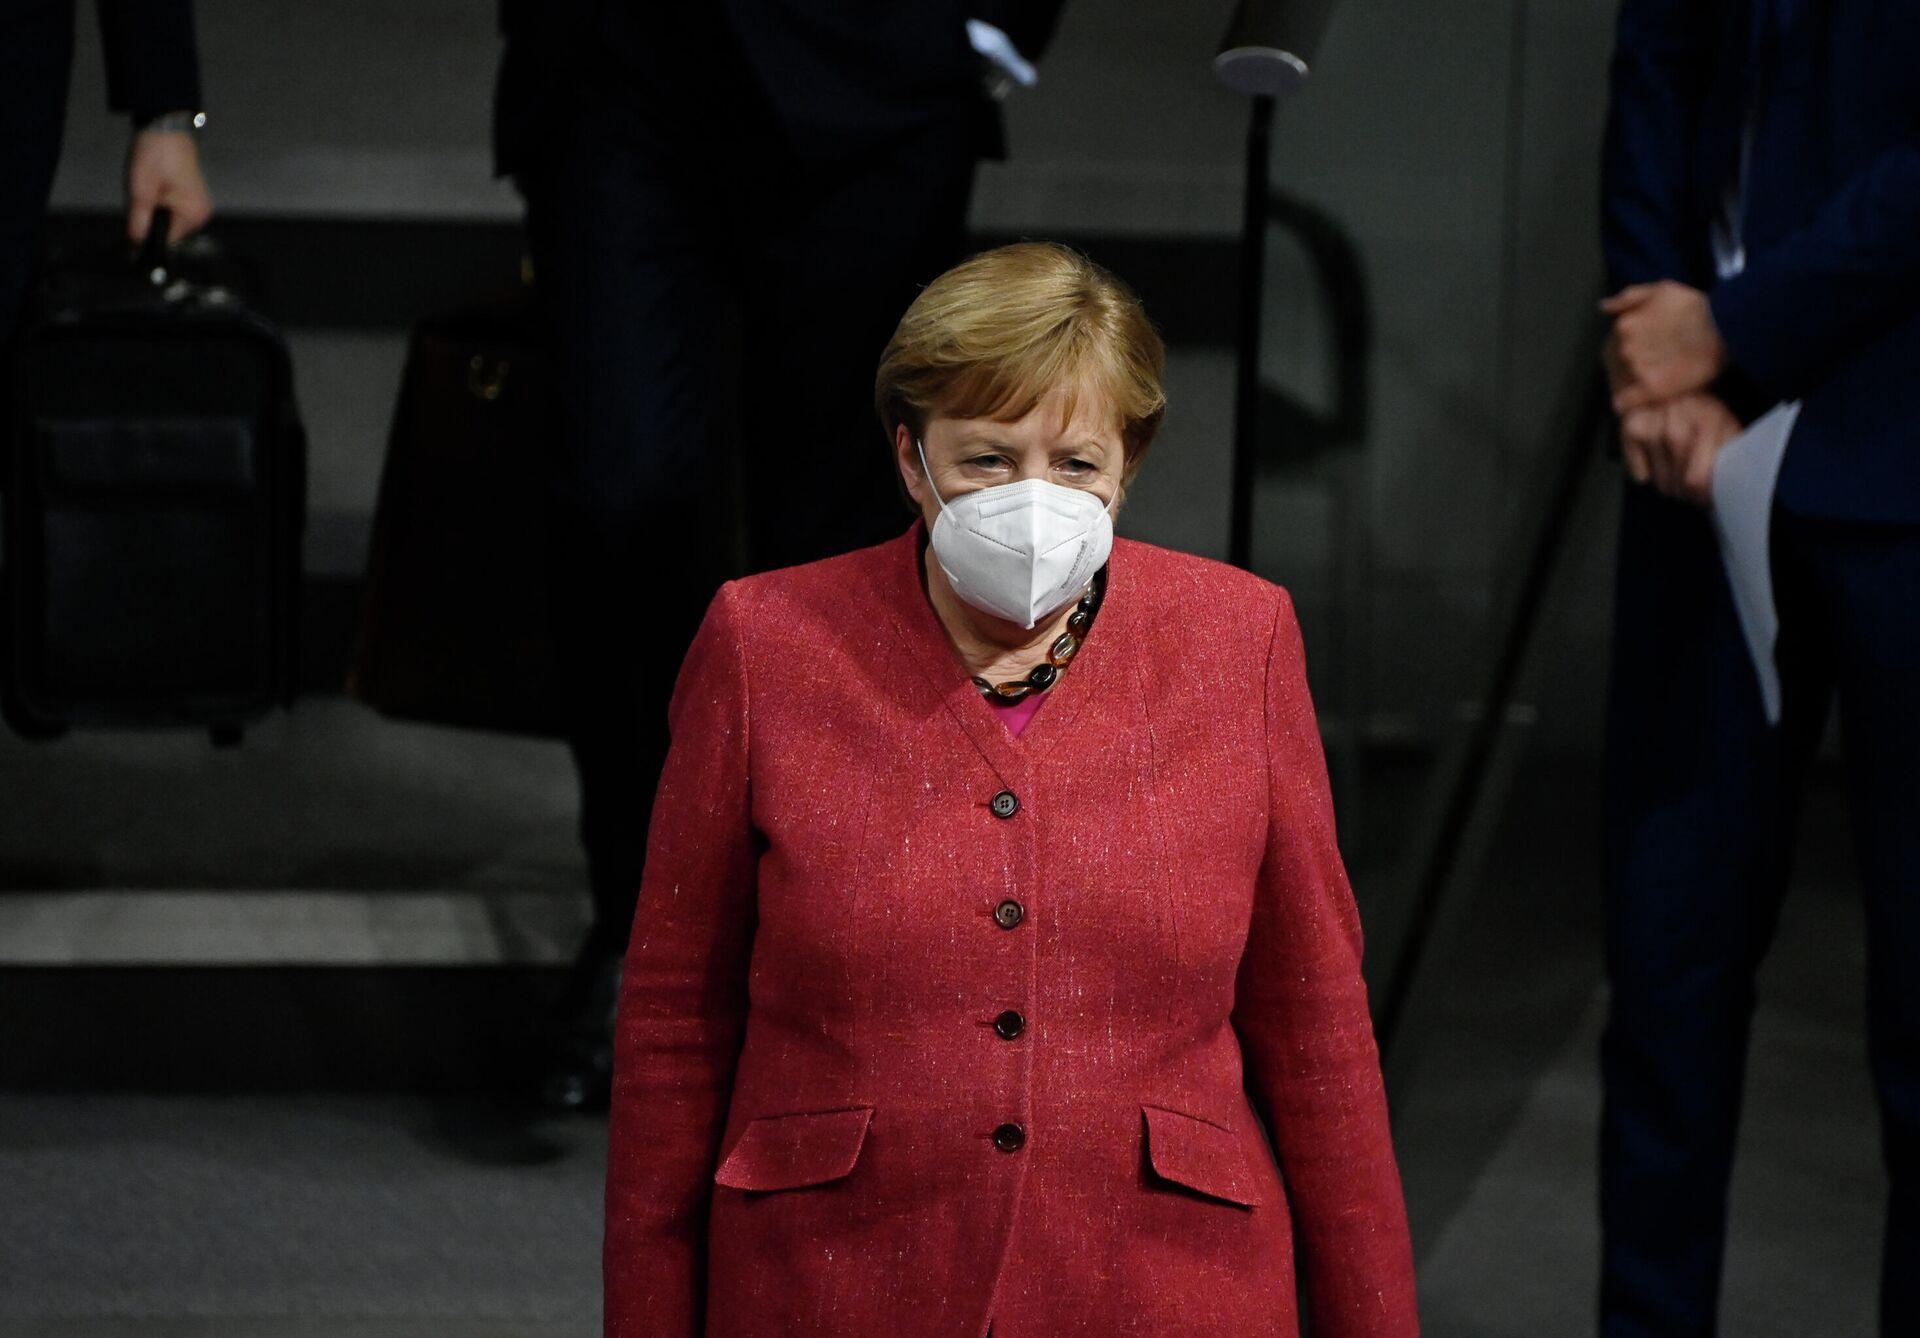 Канцлер Германии Ангела Меркель в защитной маске на заседании в Бундестаге - РИА Новости, 1920, 18.12.2020